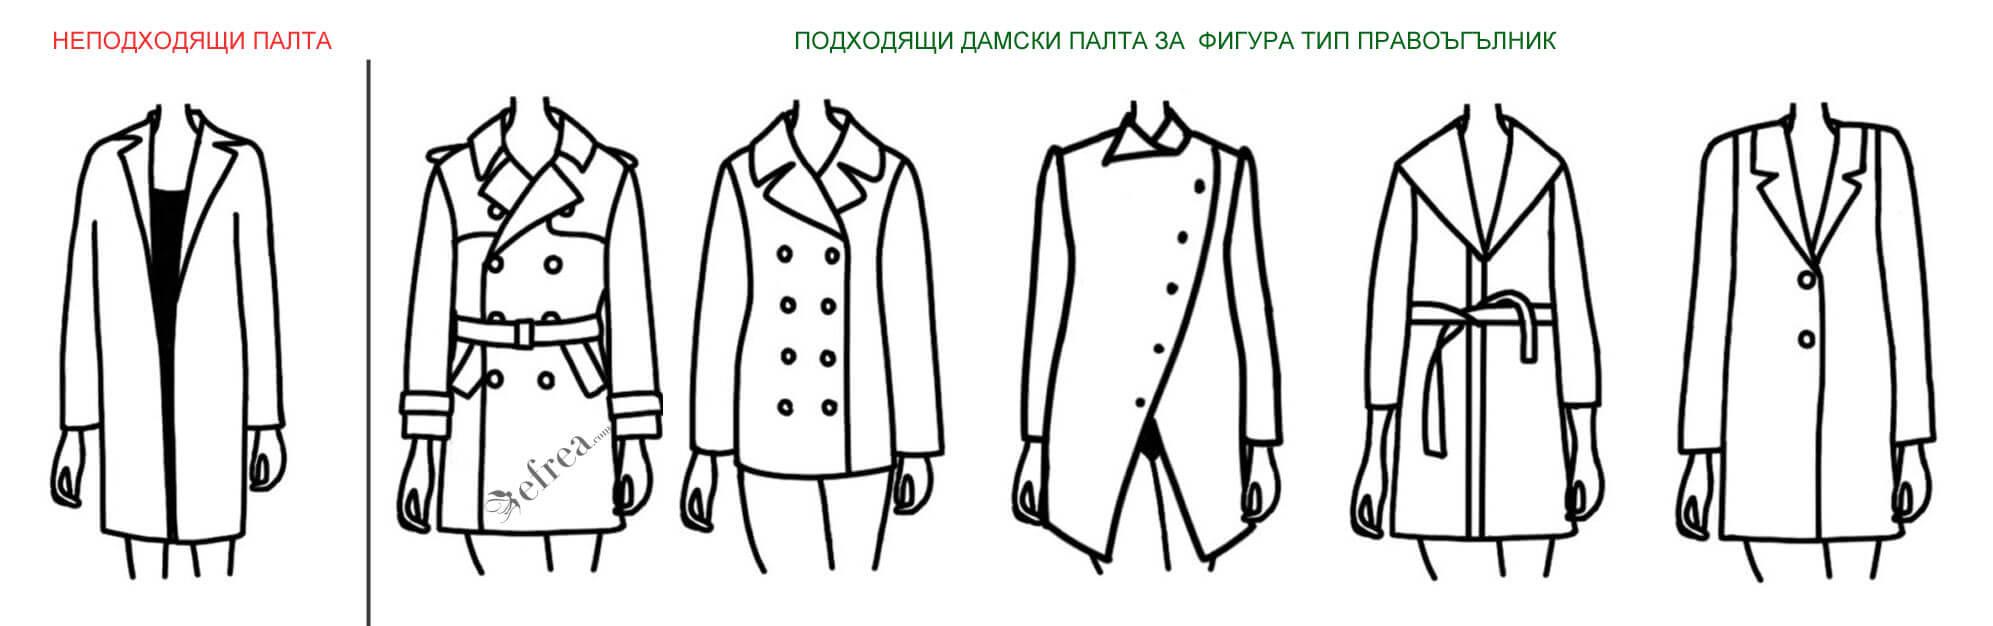 Вижте кои са подходящите дамски палта за дами с фигура правоъгълник.